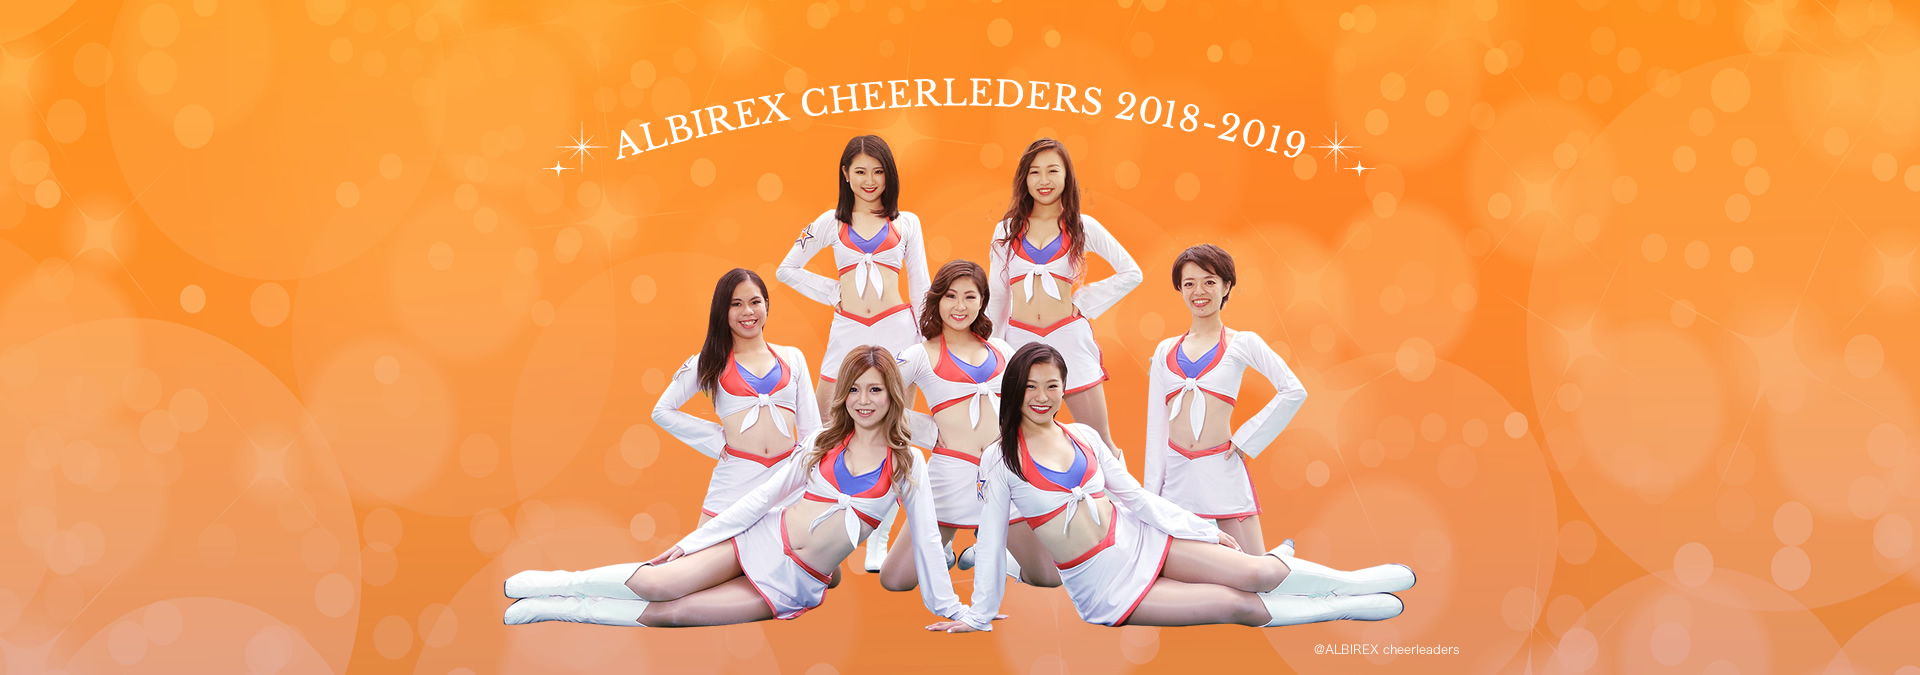 ALBIREX CHEERLEDERS